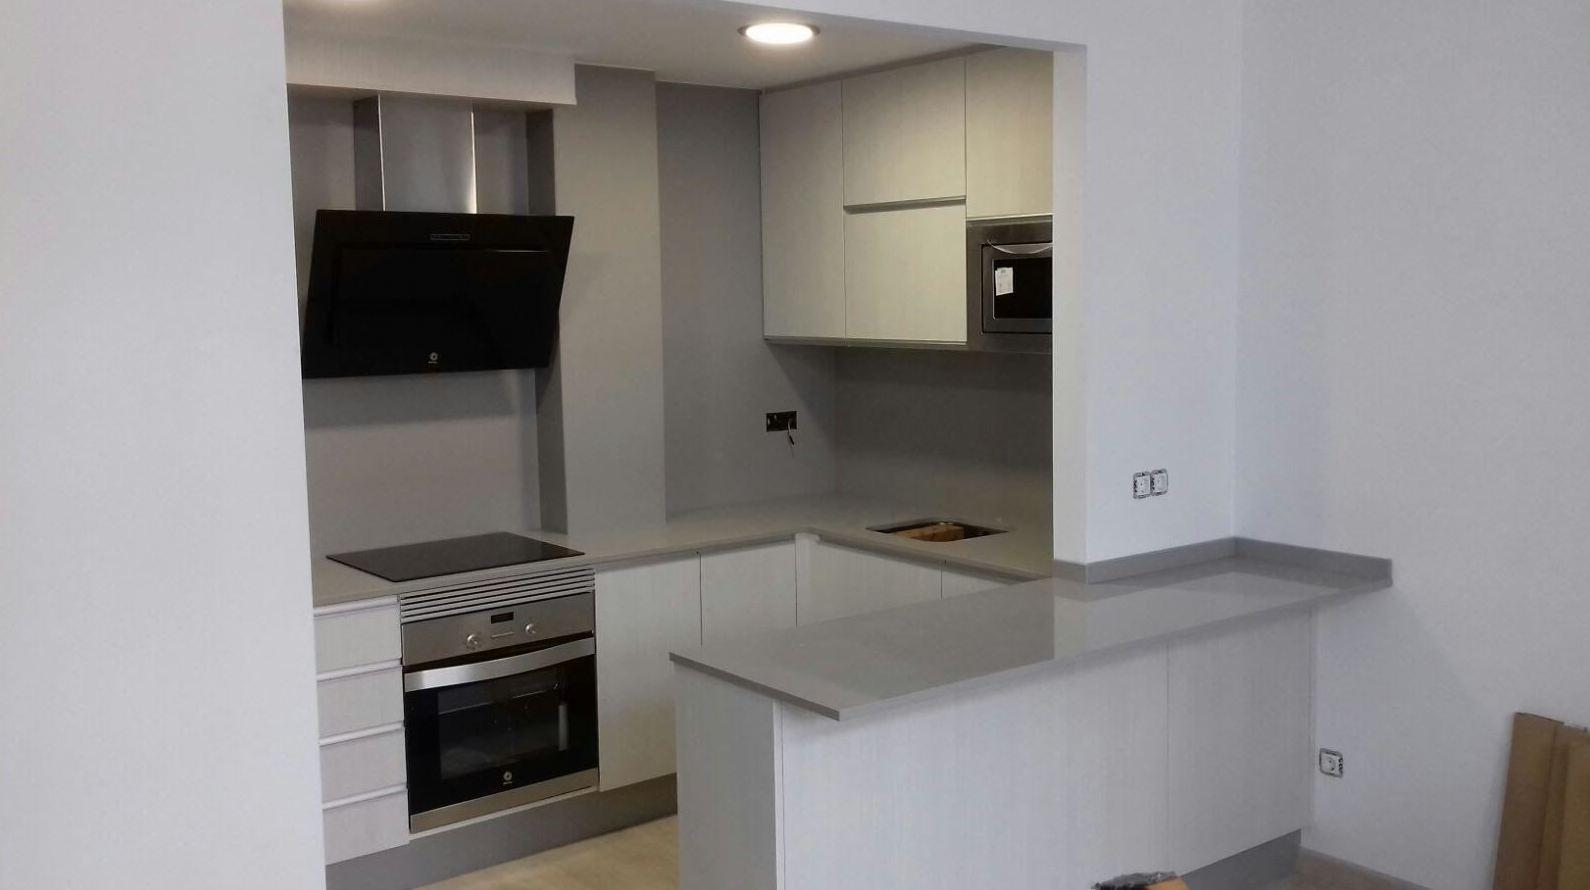 Cocina de diseño actual en color blanco.